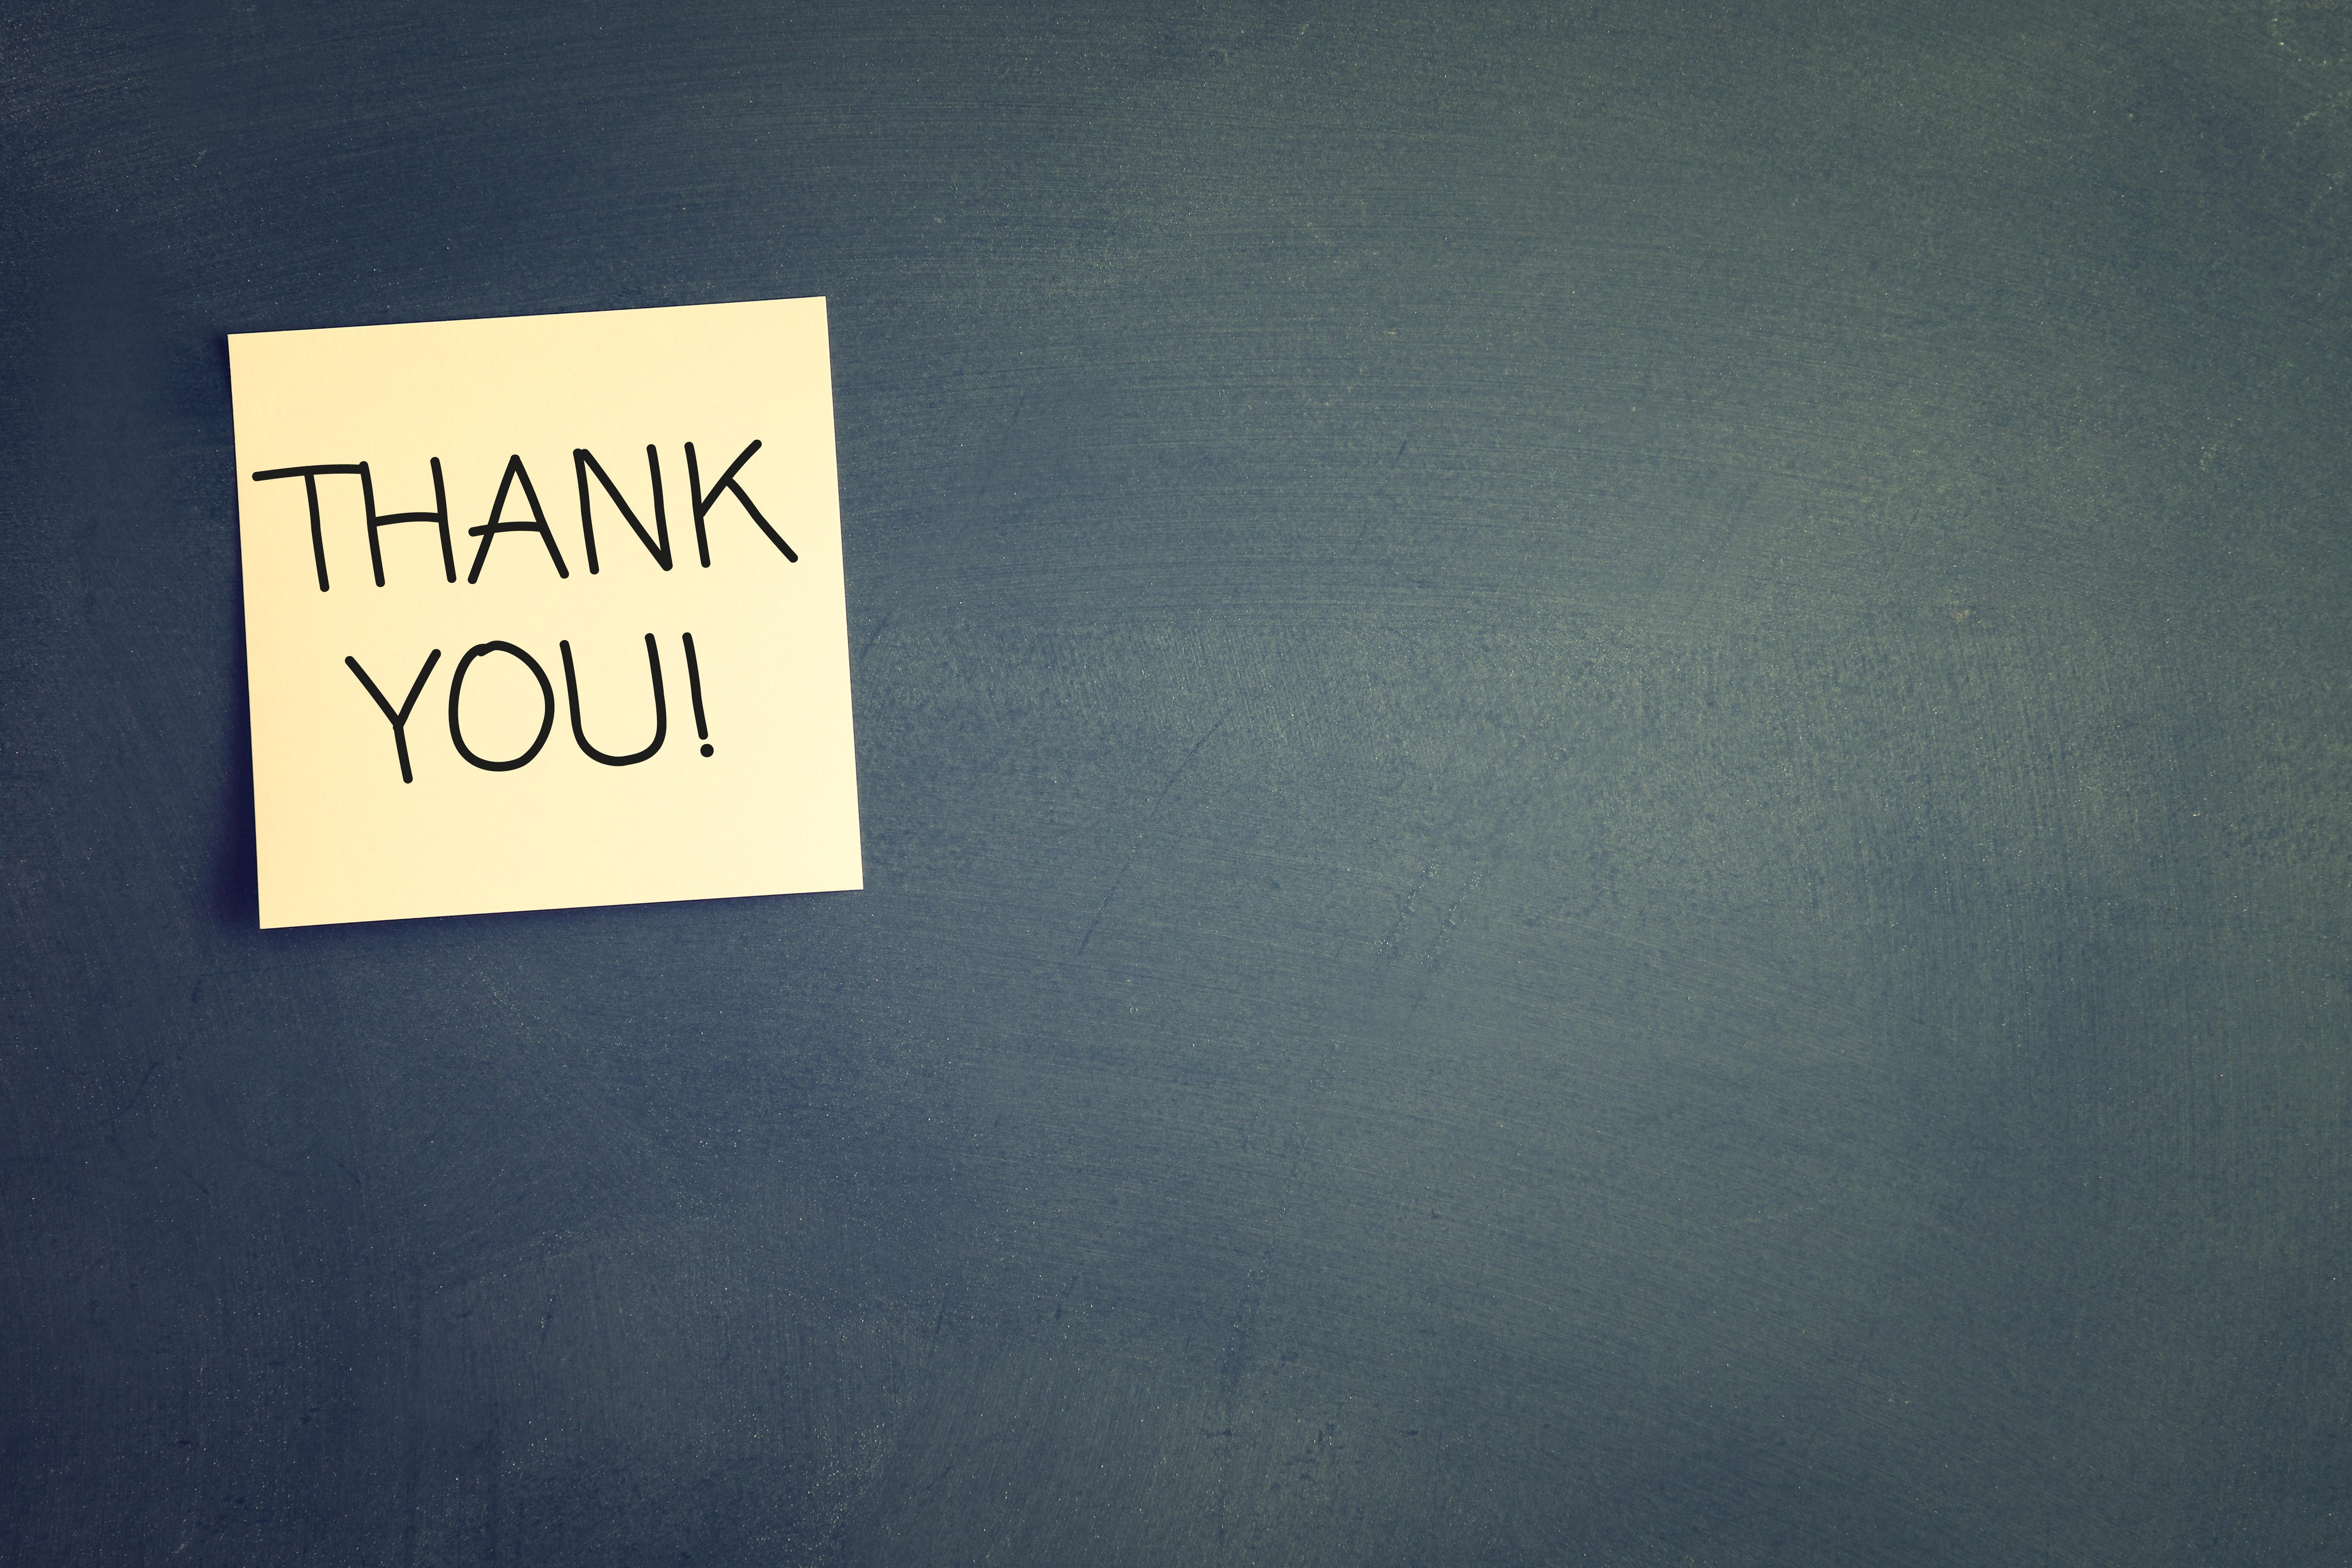 Giving Thanks_IMAGE REAL.jpeg